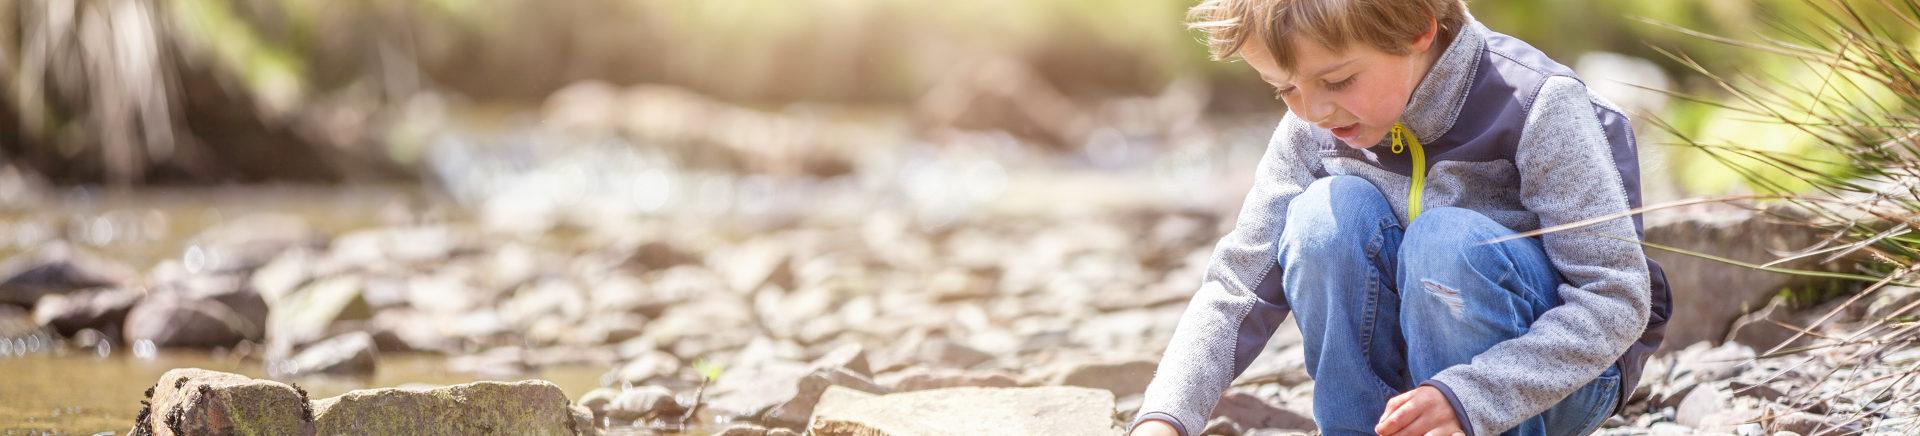 Kind speelt in de zon met een papieren bootje